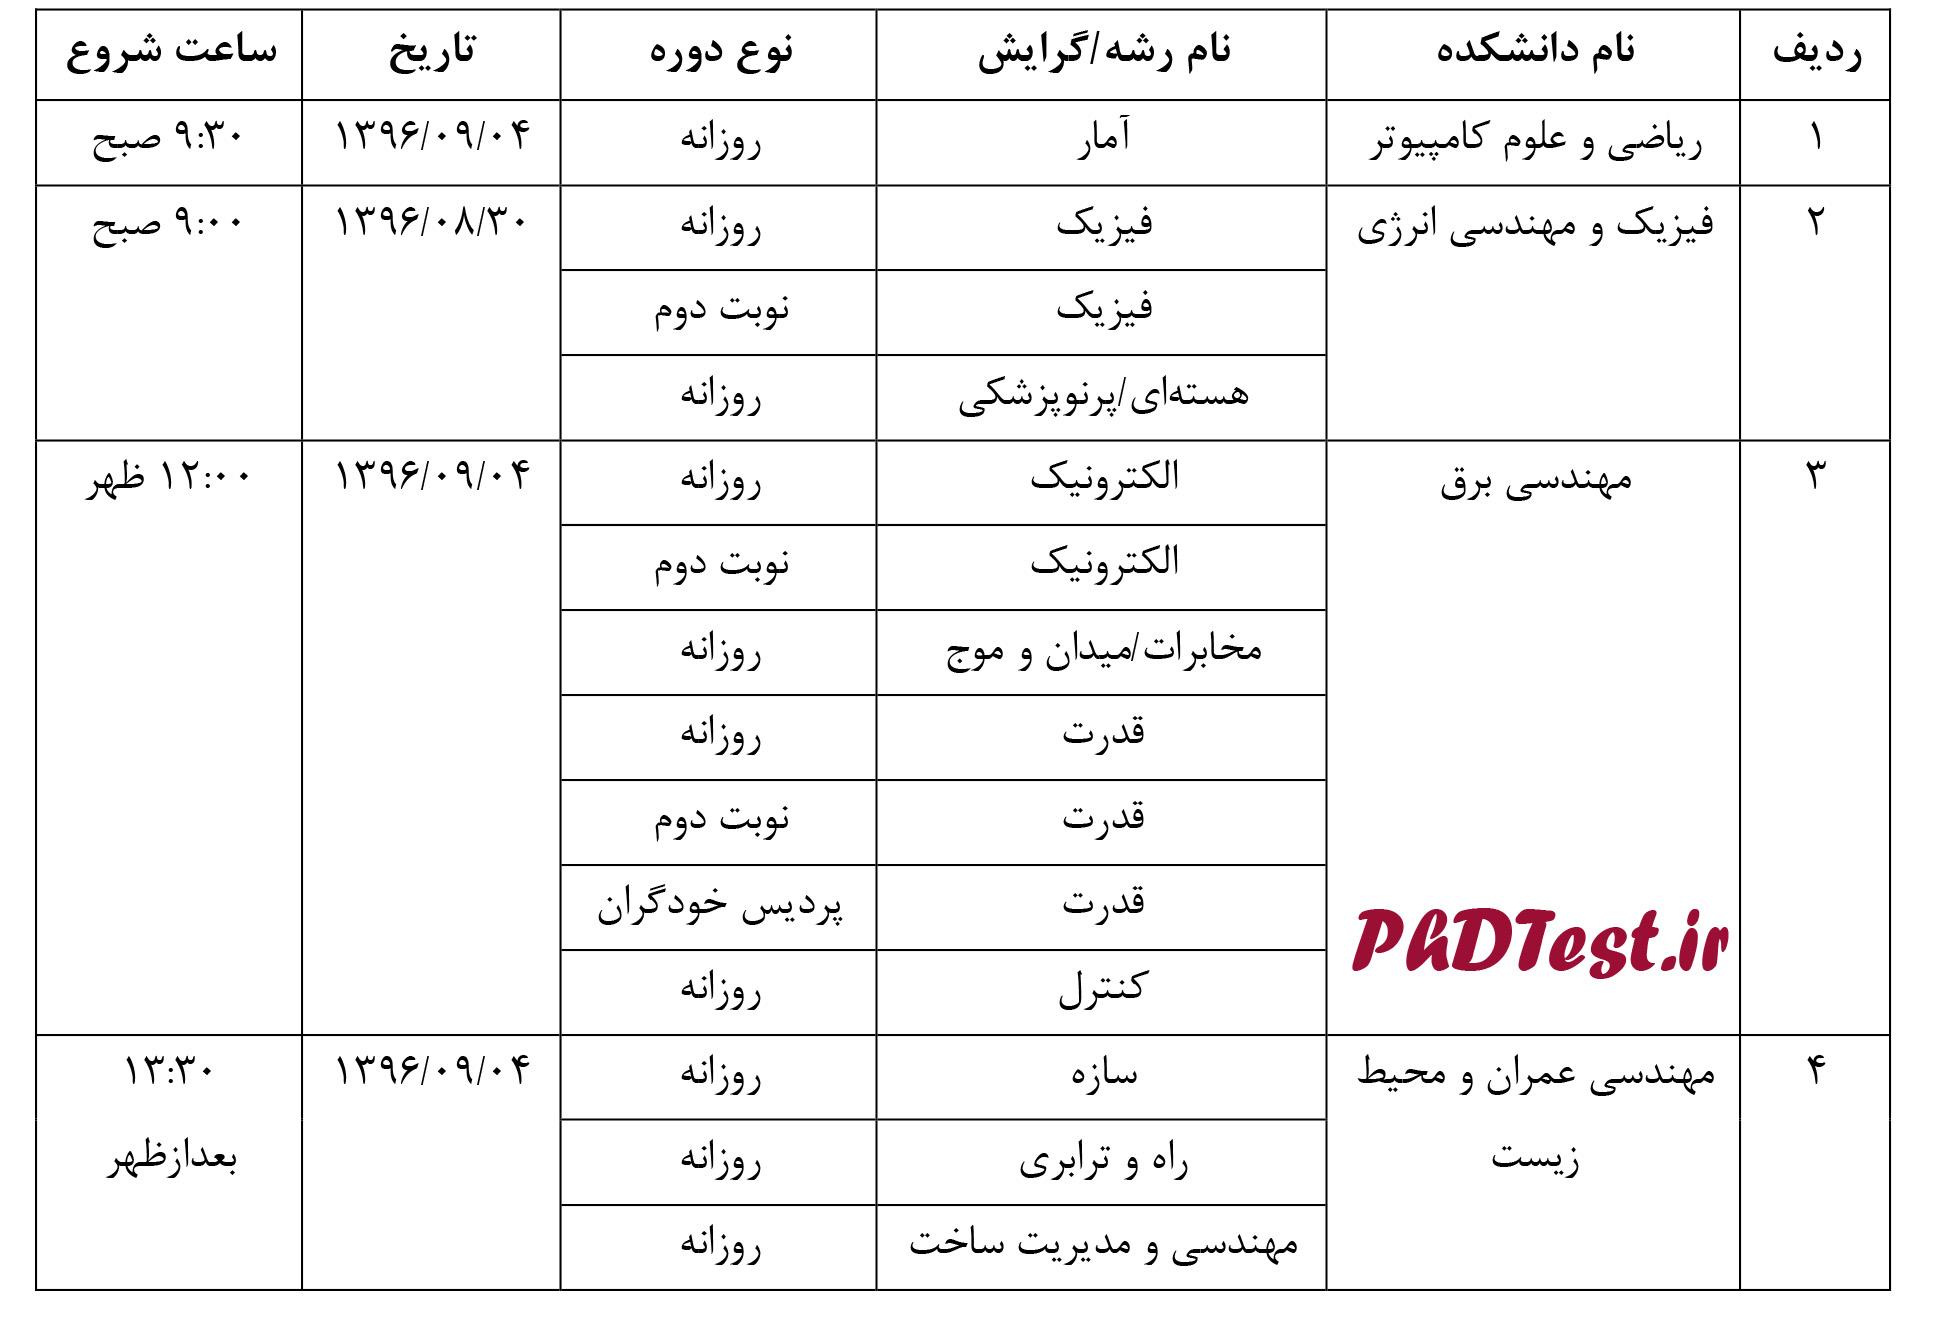 زمان مصاحبه تکمیل ظرفیت دکتری 96 - 97 دانشگاه امیرکبیر